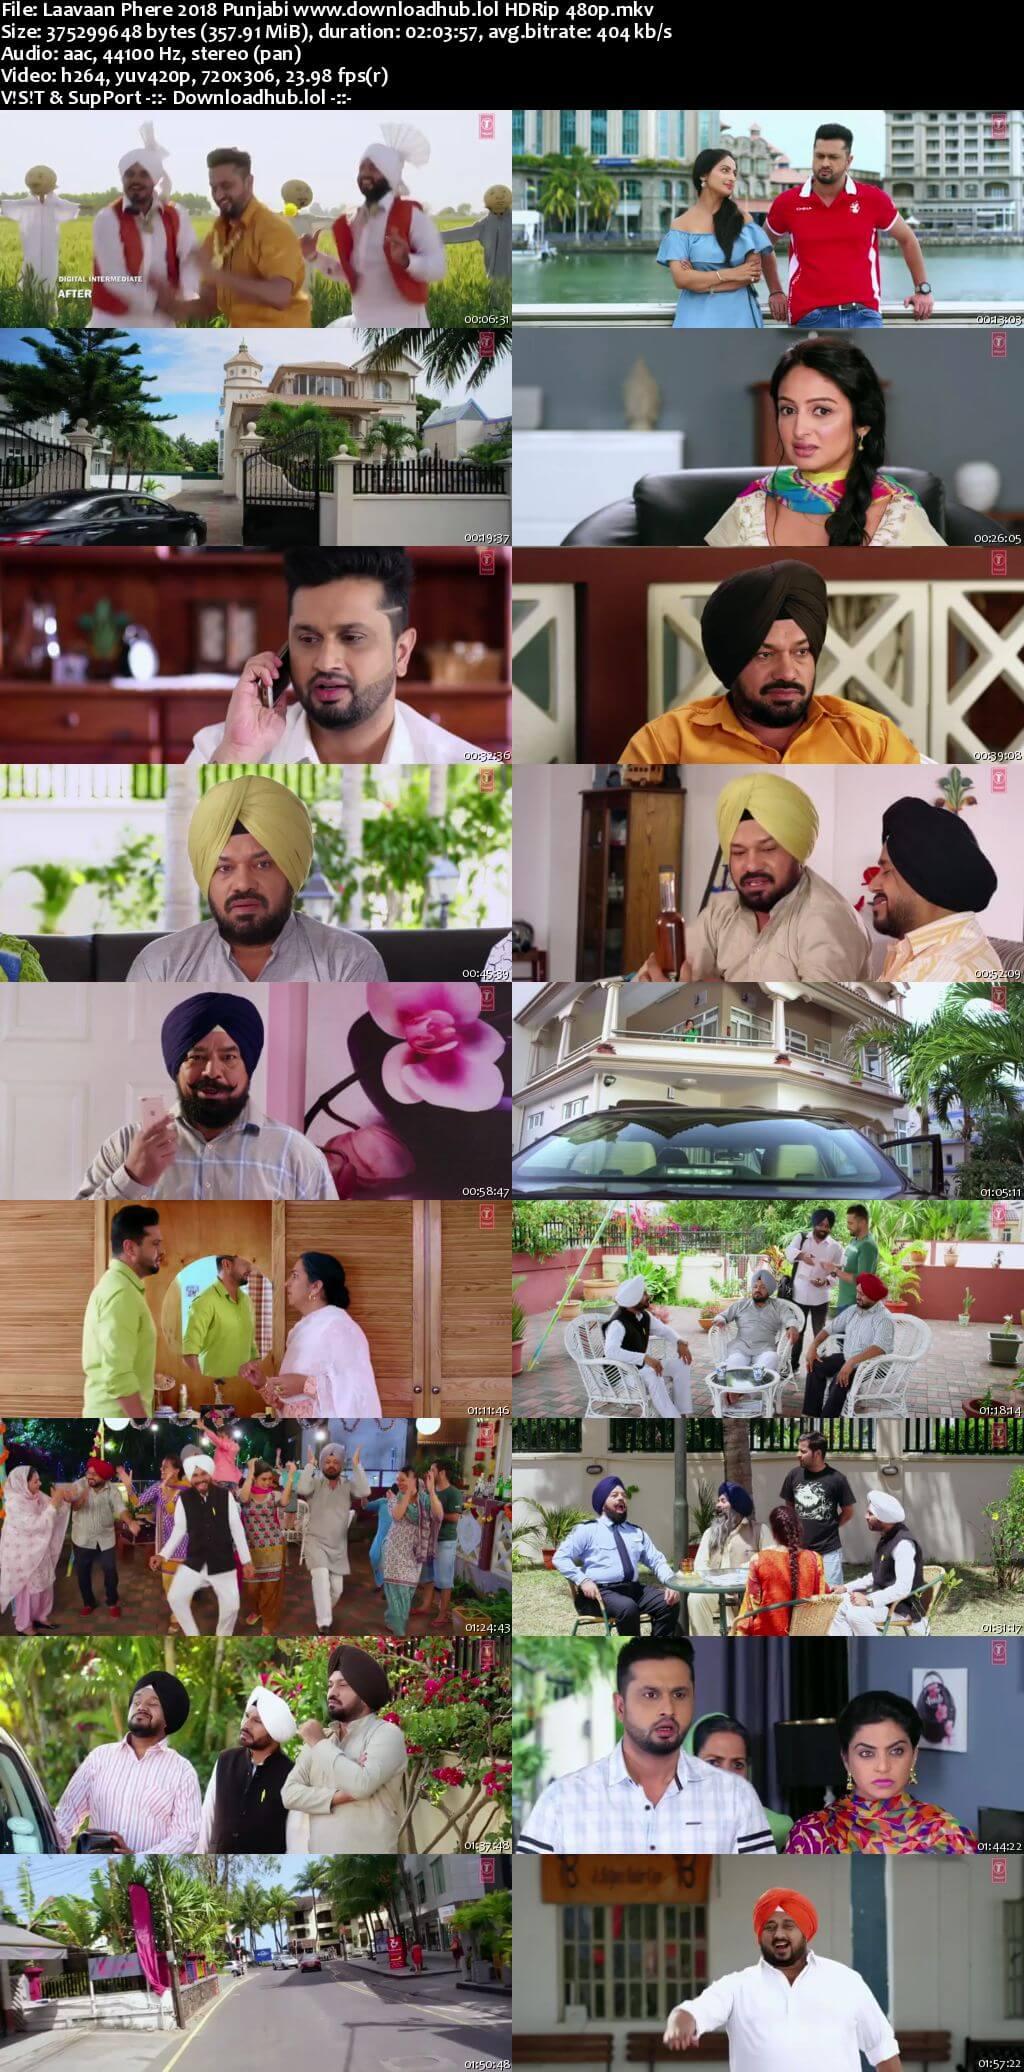 Laavaan Phere 2018 Punjabi 350MB HDRip 480p